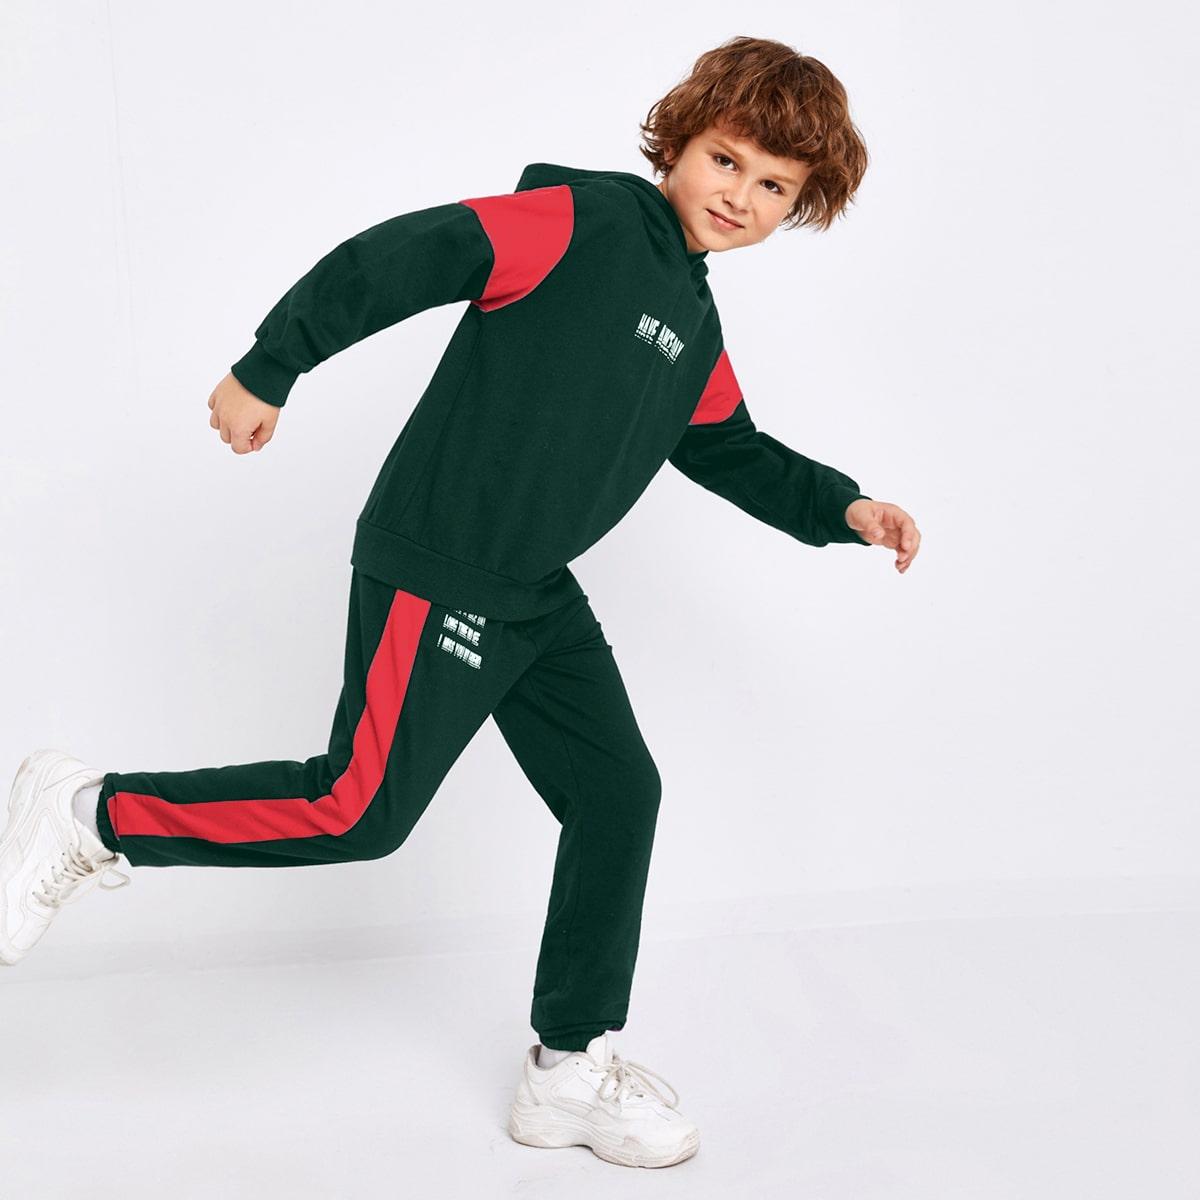 Спортивные брюки и контрастная толстовка с текстовым принтом для мальчиков